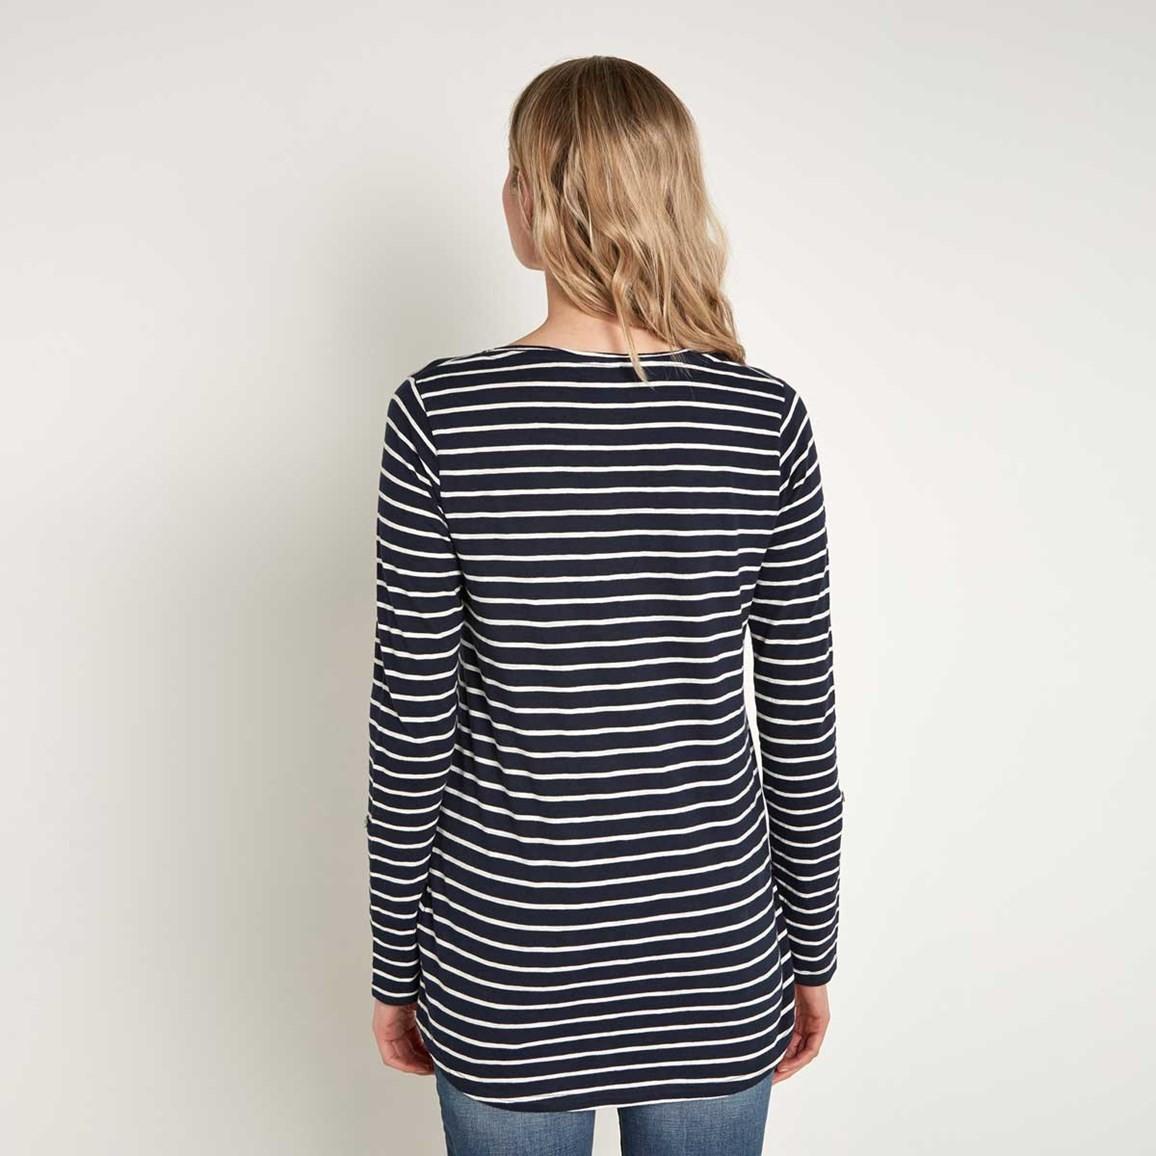 Mns navy striped shirt